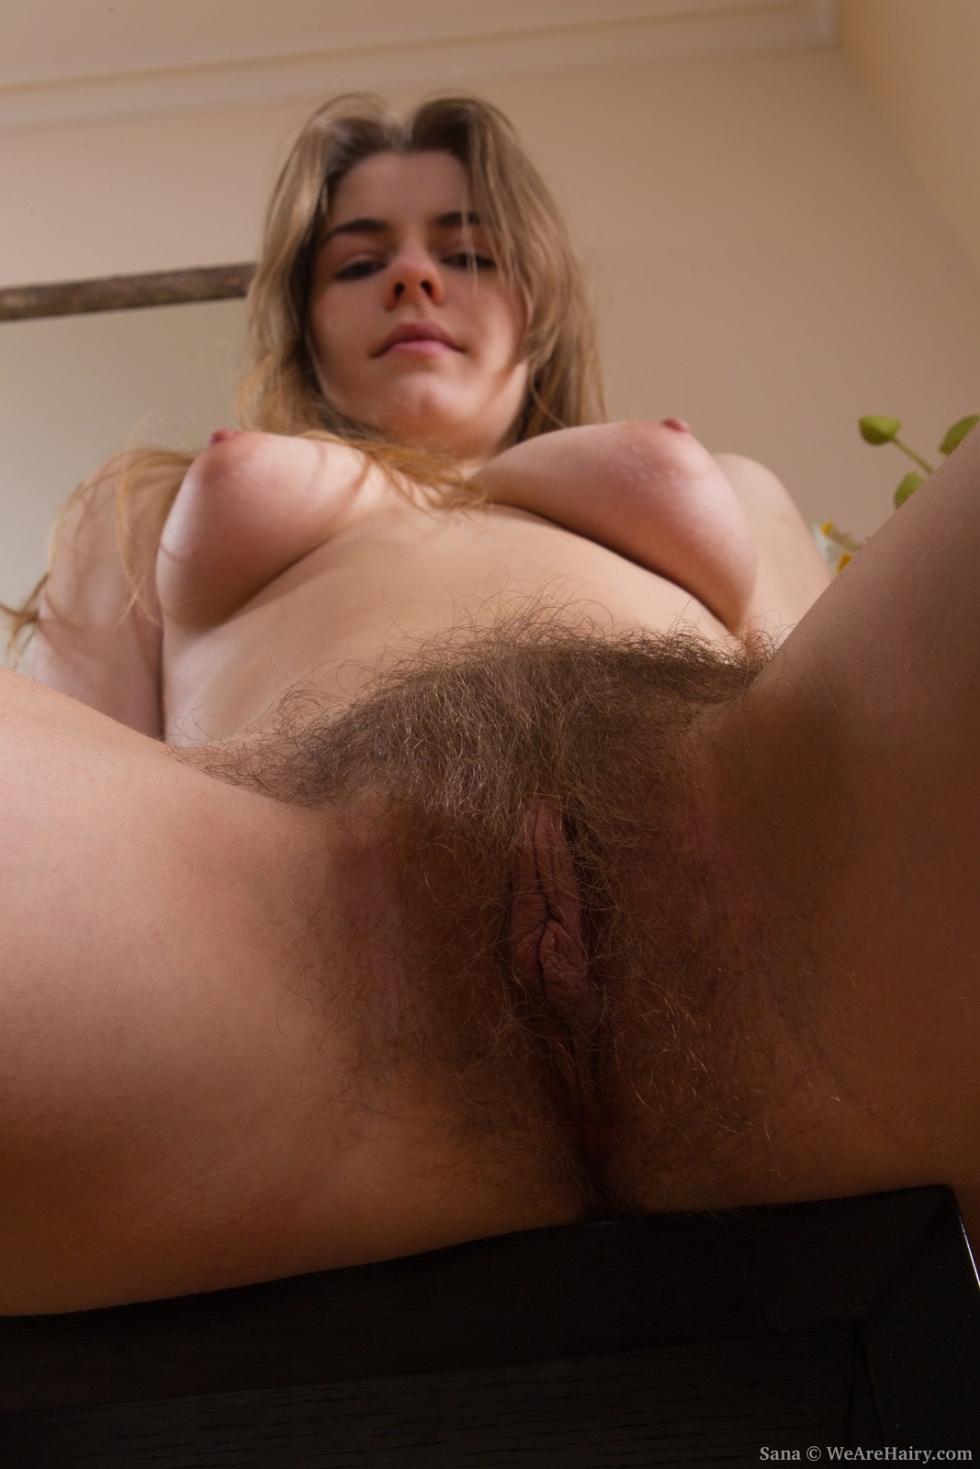 Hairy vixen sana finds pleasure in her bathroom 5